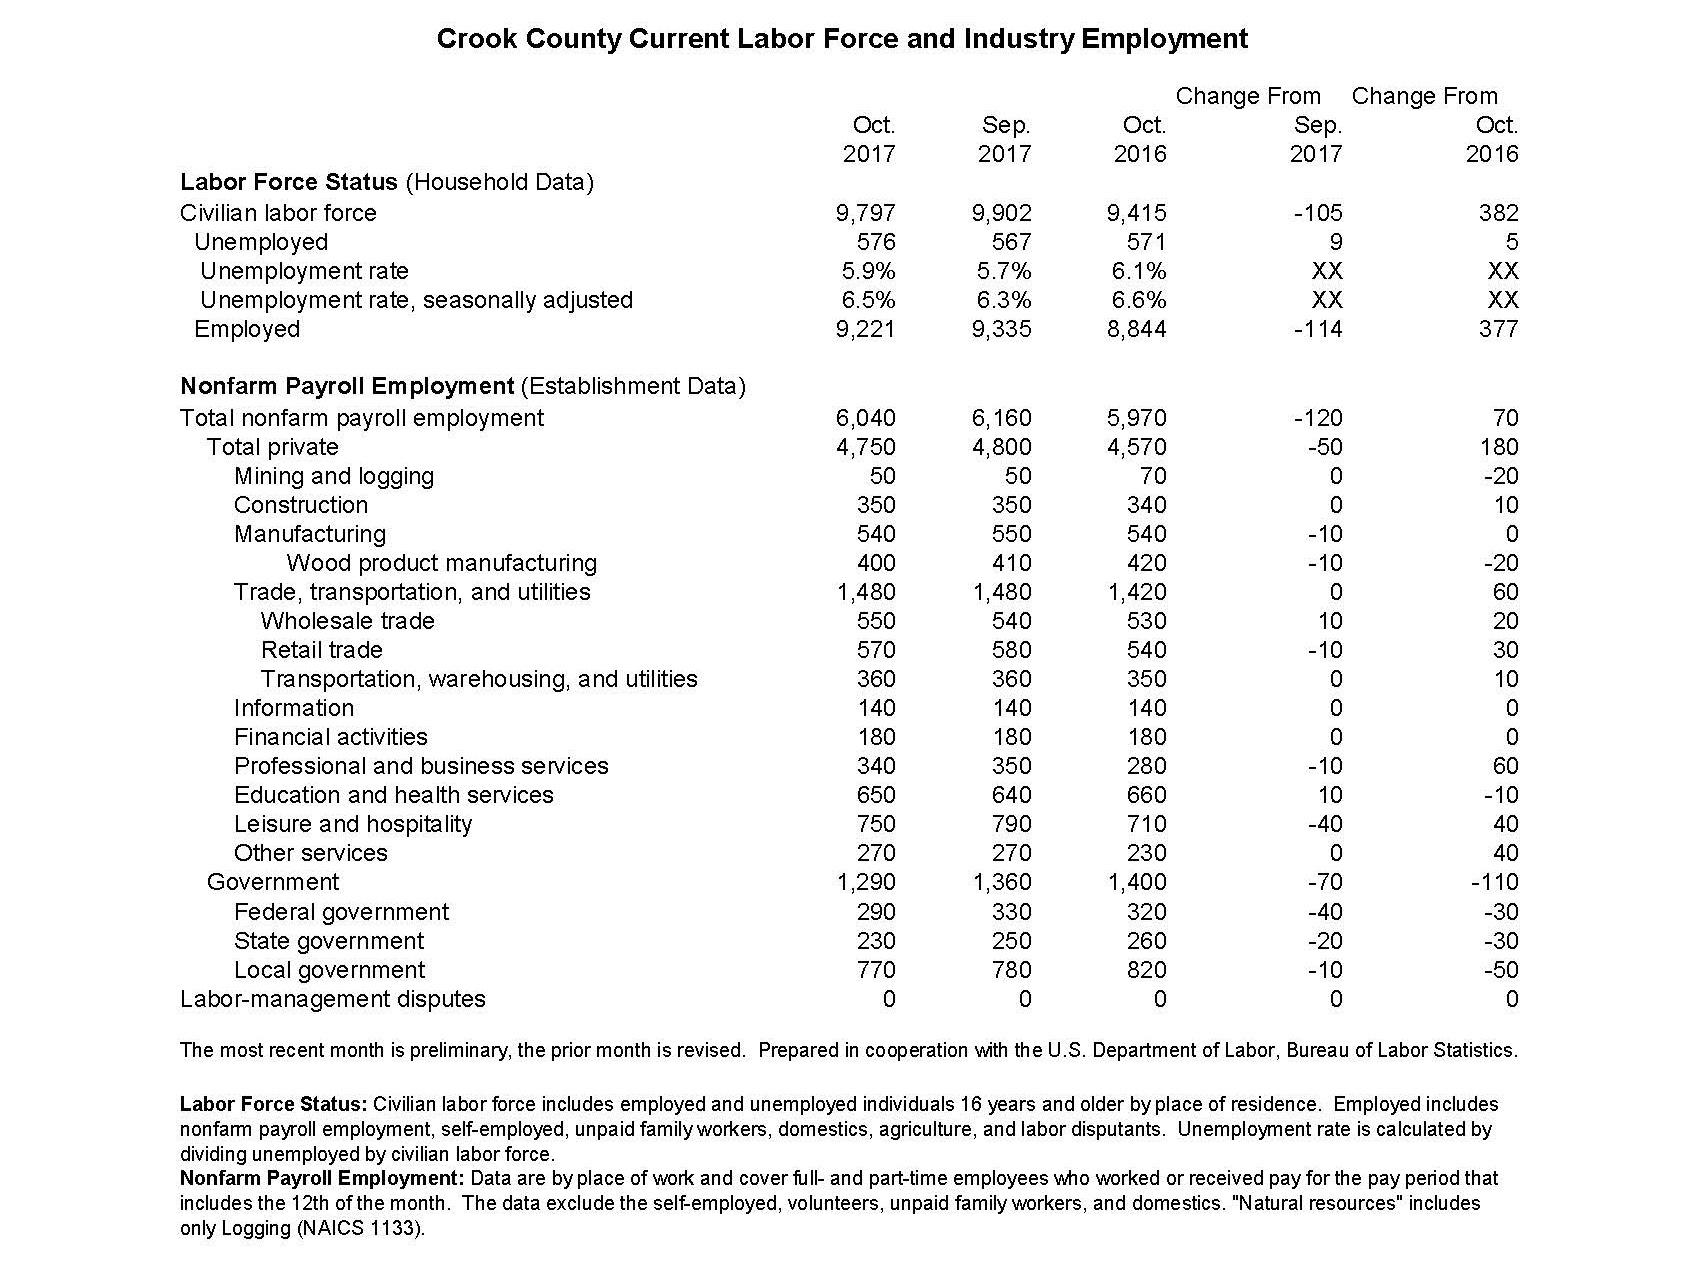 employment-chart-1